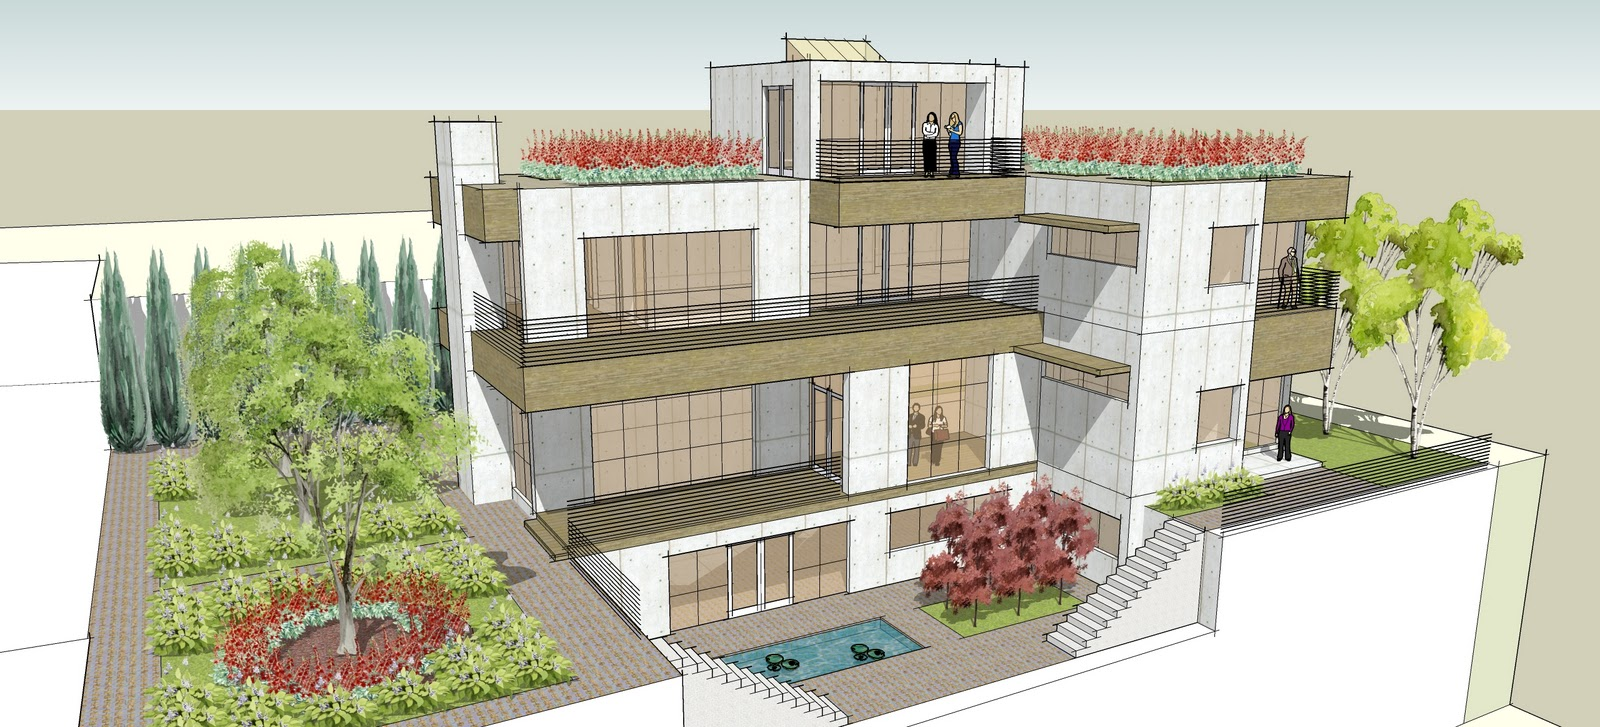 Rumah Minimalis Nan Nyaman Hunian Kekinian Ala Korea